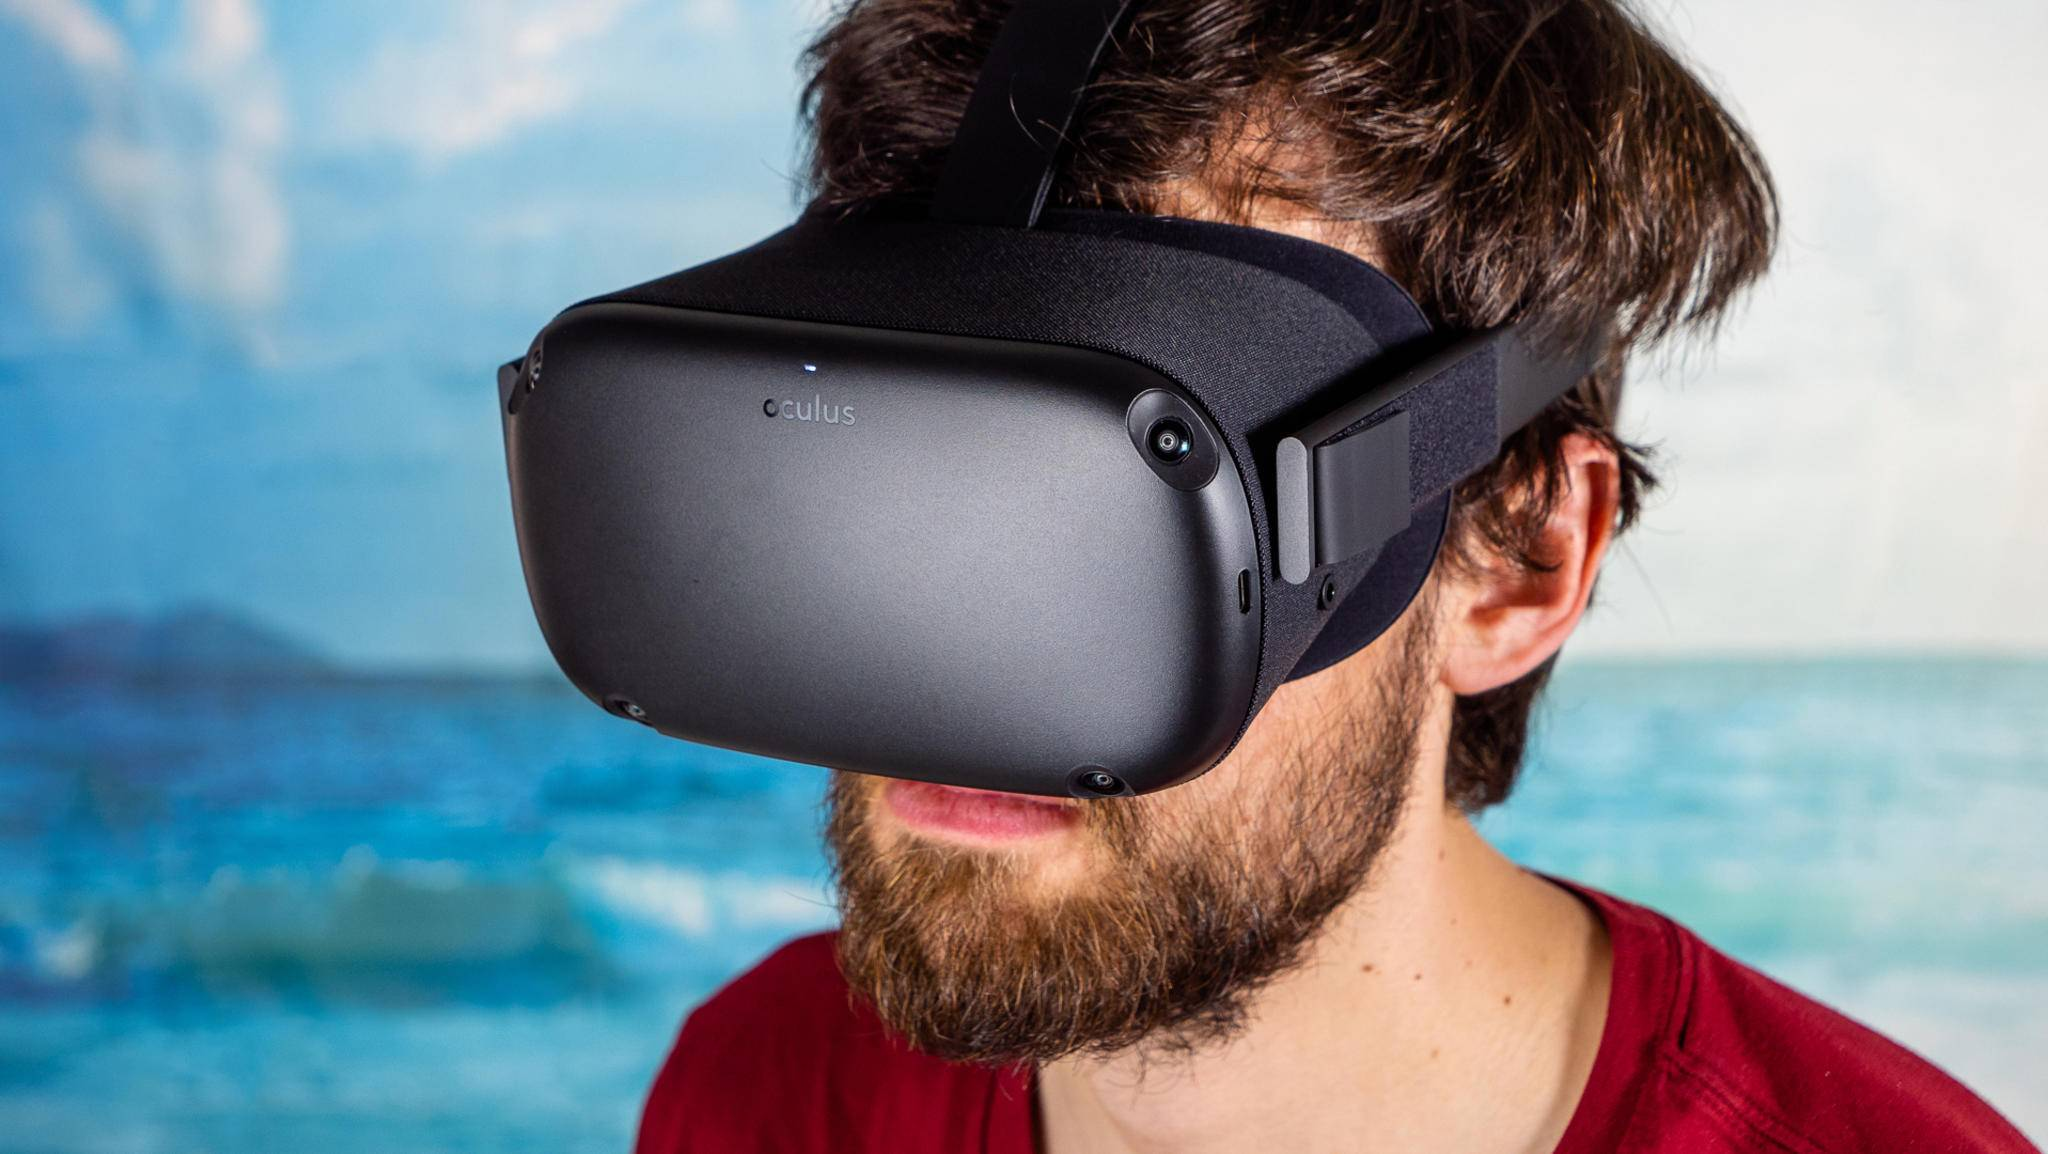 Das Apple-Headset soll wie die Oculus Quest (im Bild) auch VR-Funktionen bieten.